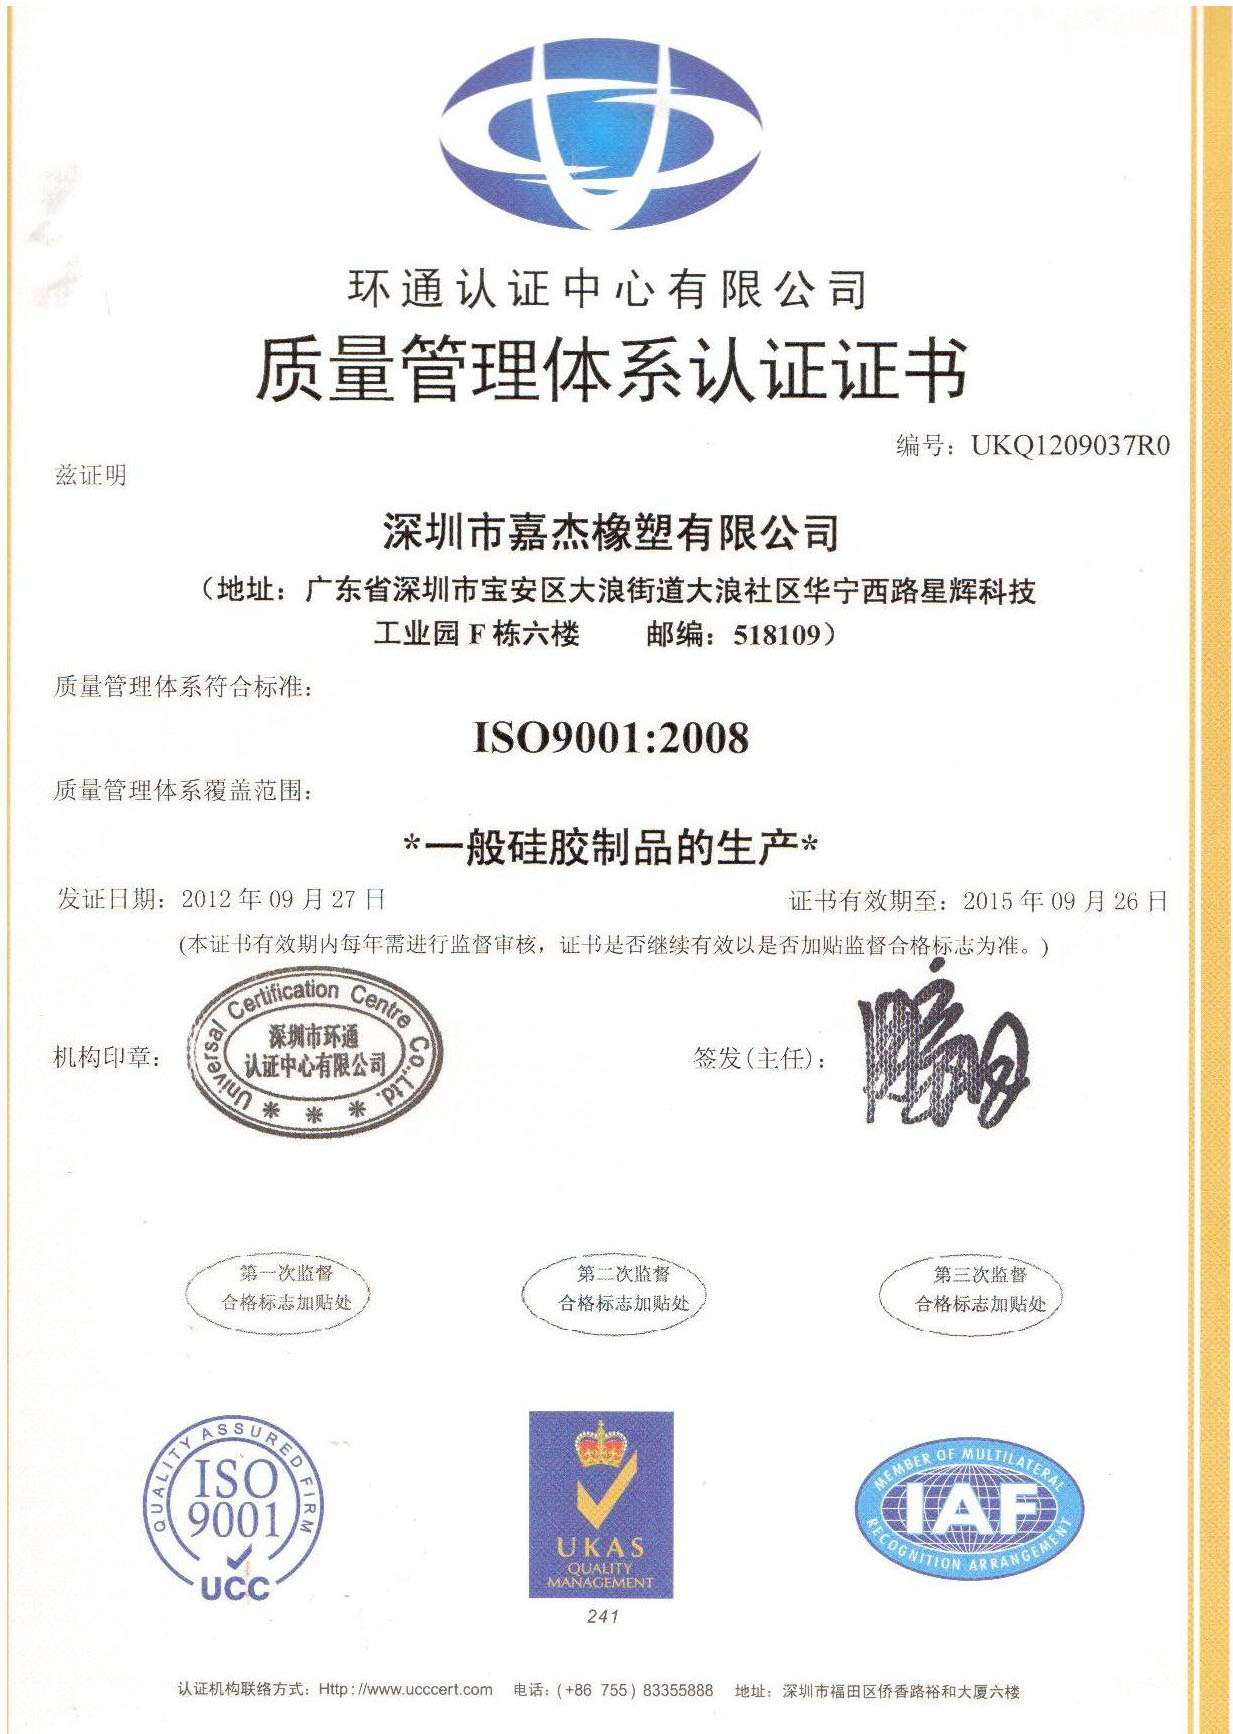 資質證書(shu)